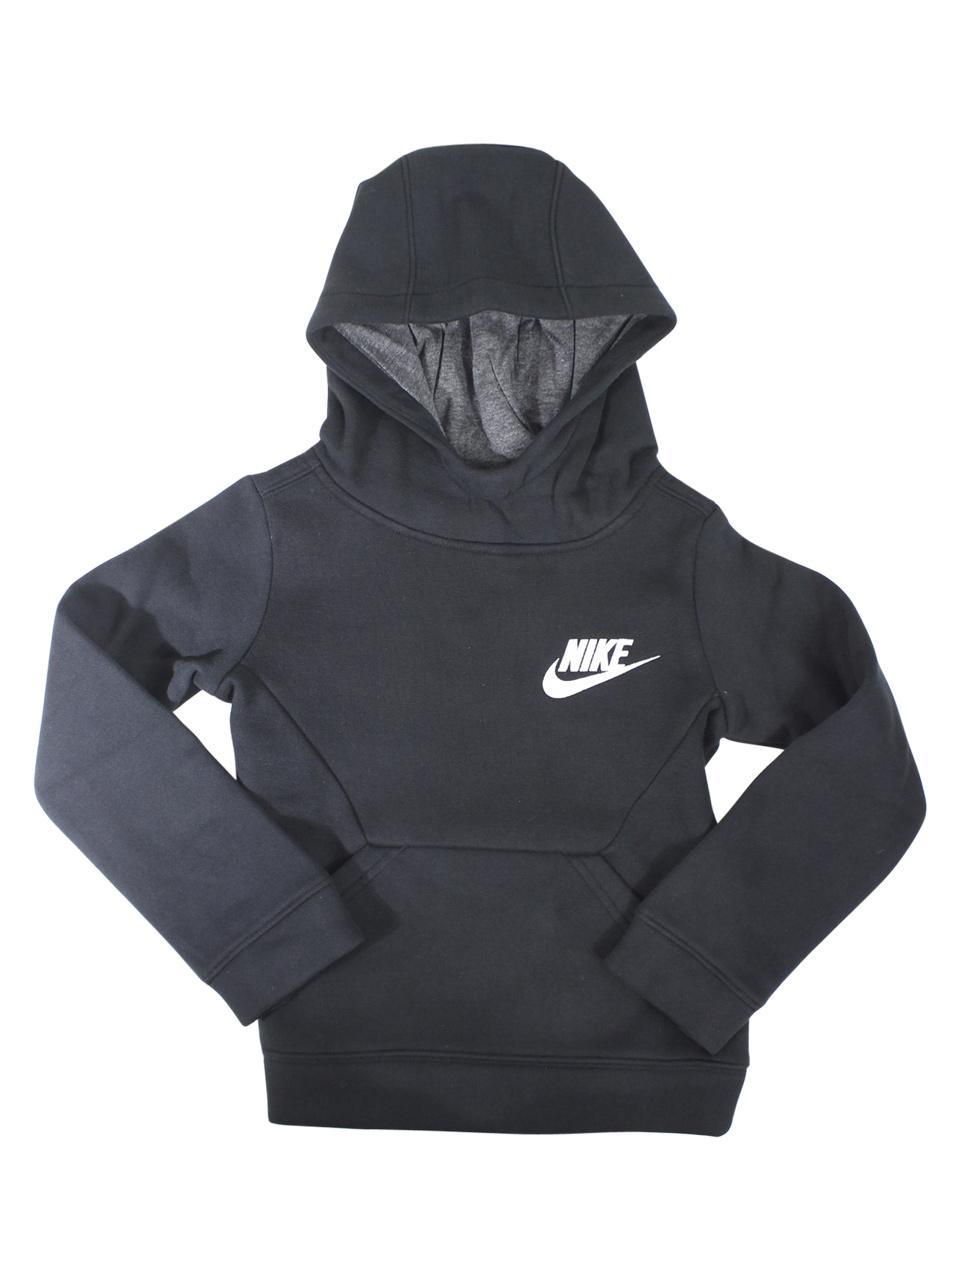 b51ad906a Nike Little Boy's Fleece Pullover Hooded Sweatshirt